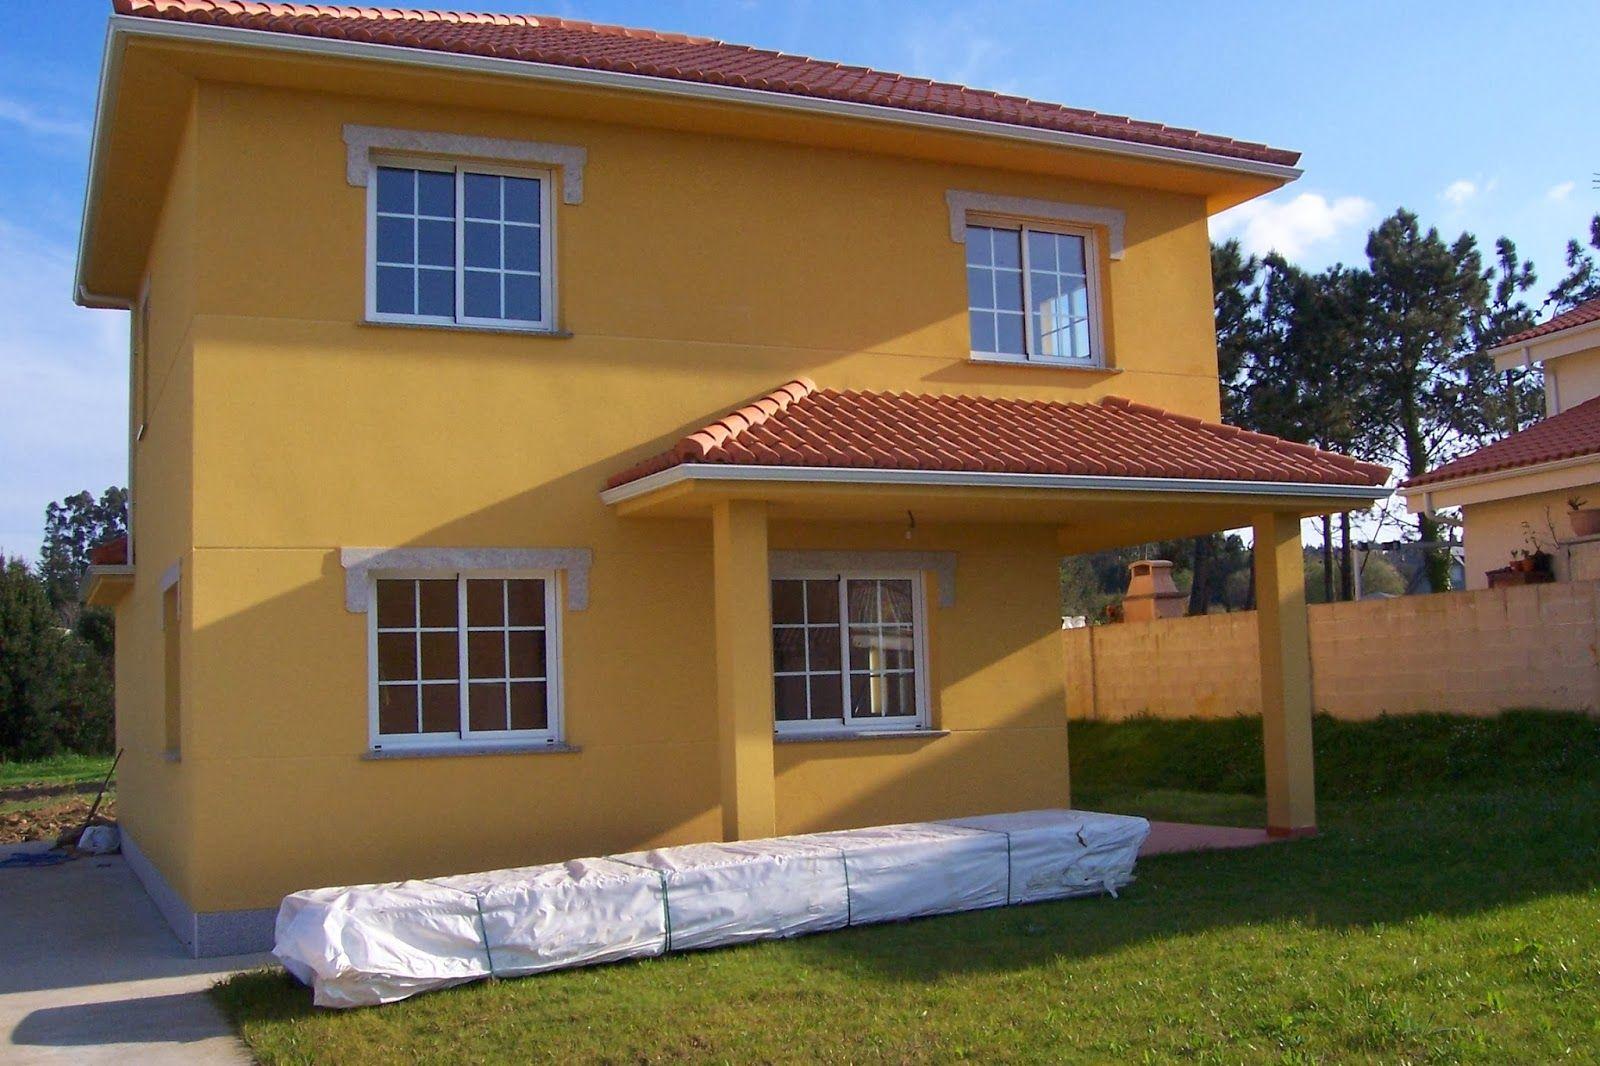 Resultado de imagen de color fachada casa ocre claro